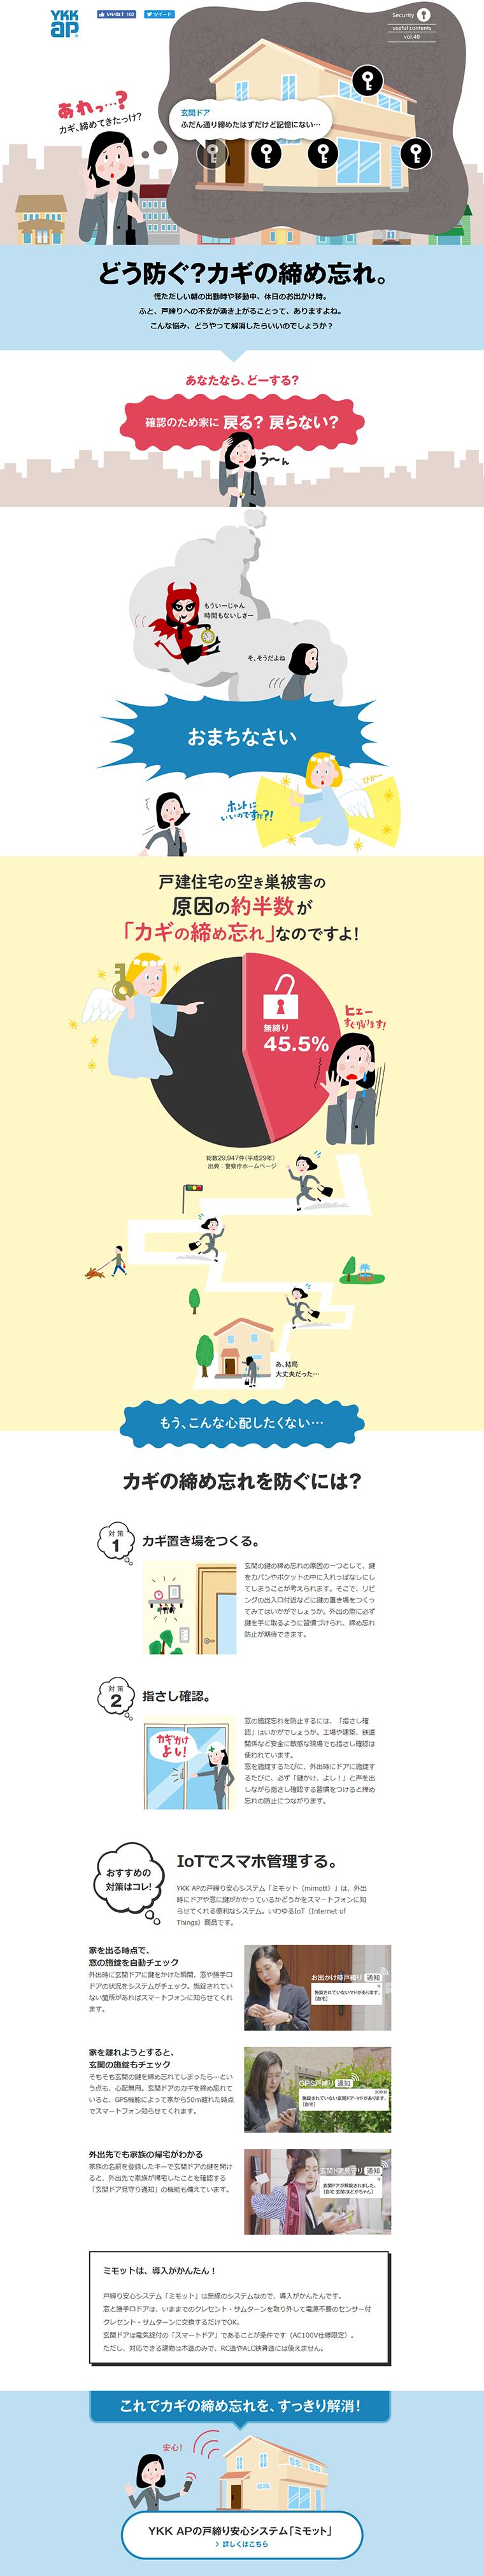 グリーンリモデル Co2削減 リフォーム情報サイト Toto Daiken Ykk Ap 2020 リフォーム ヒートポンプ 断熱 窓